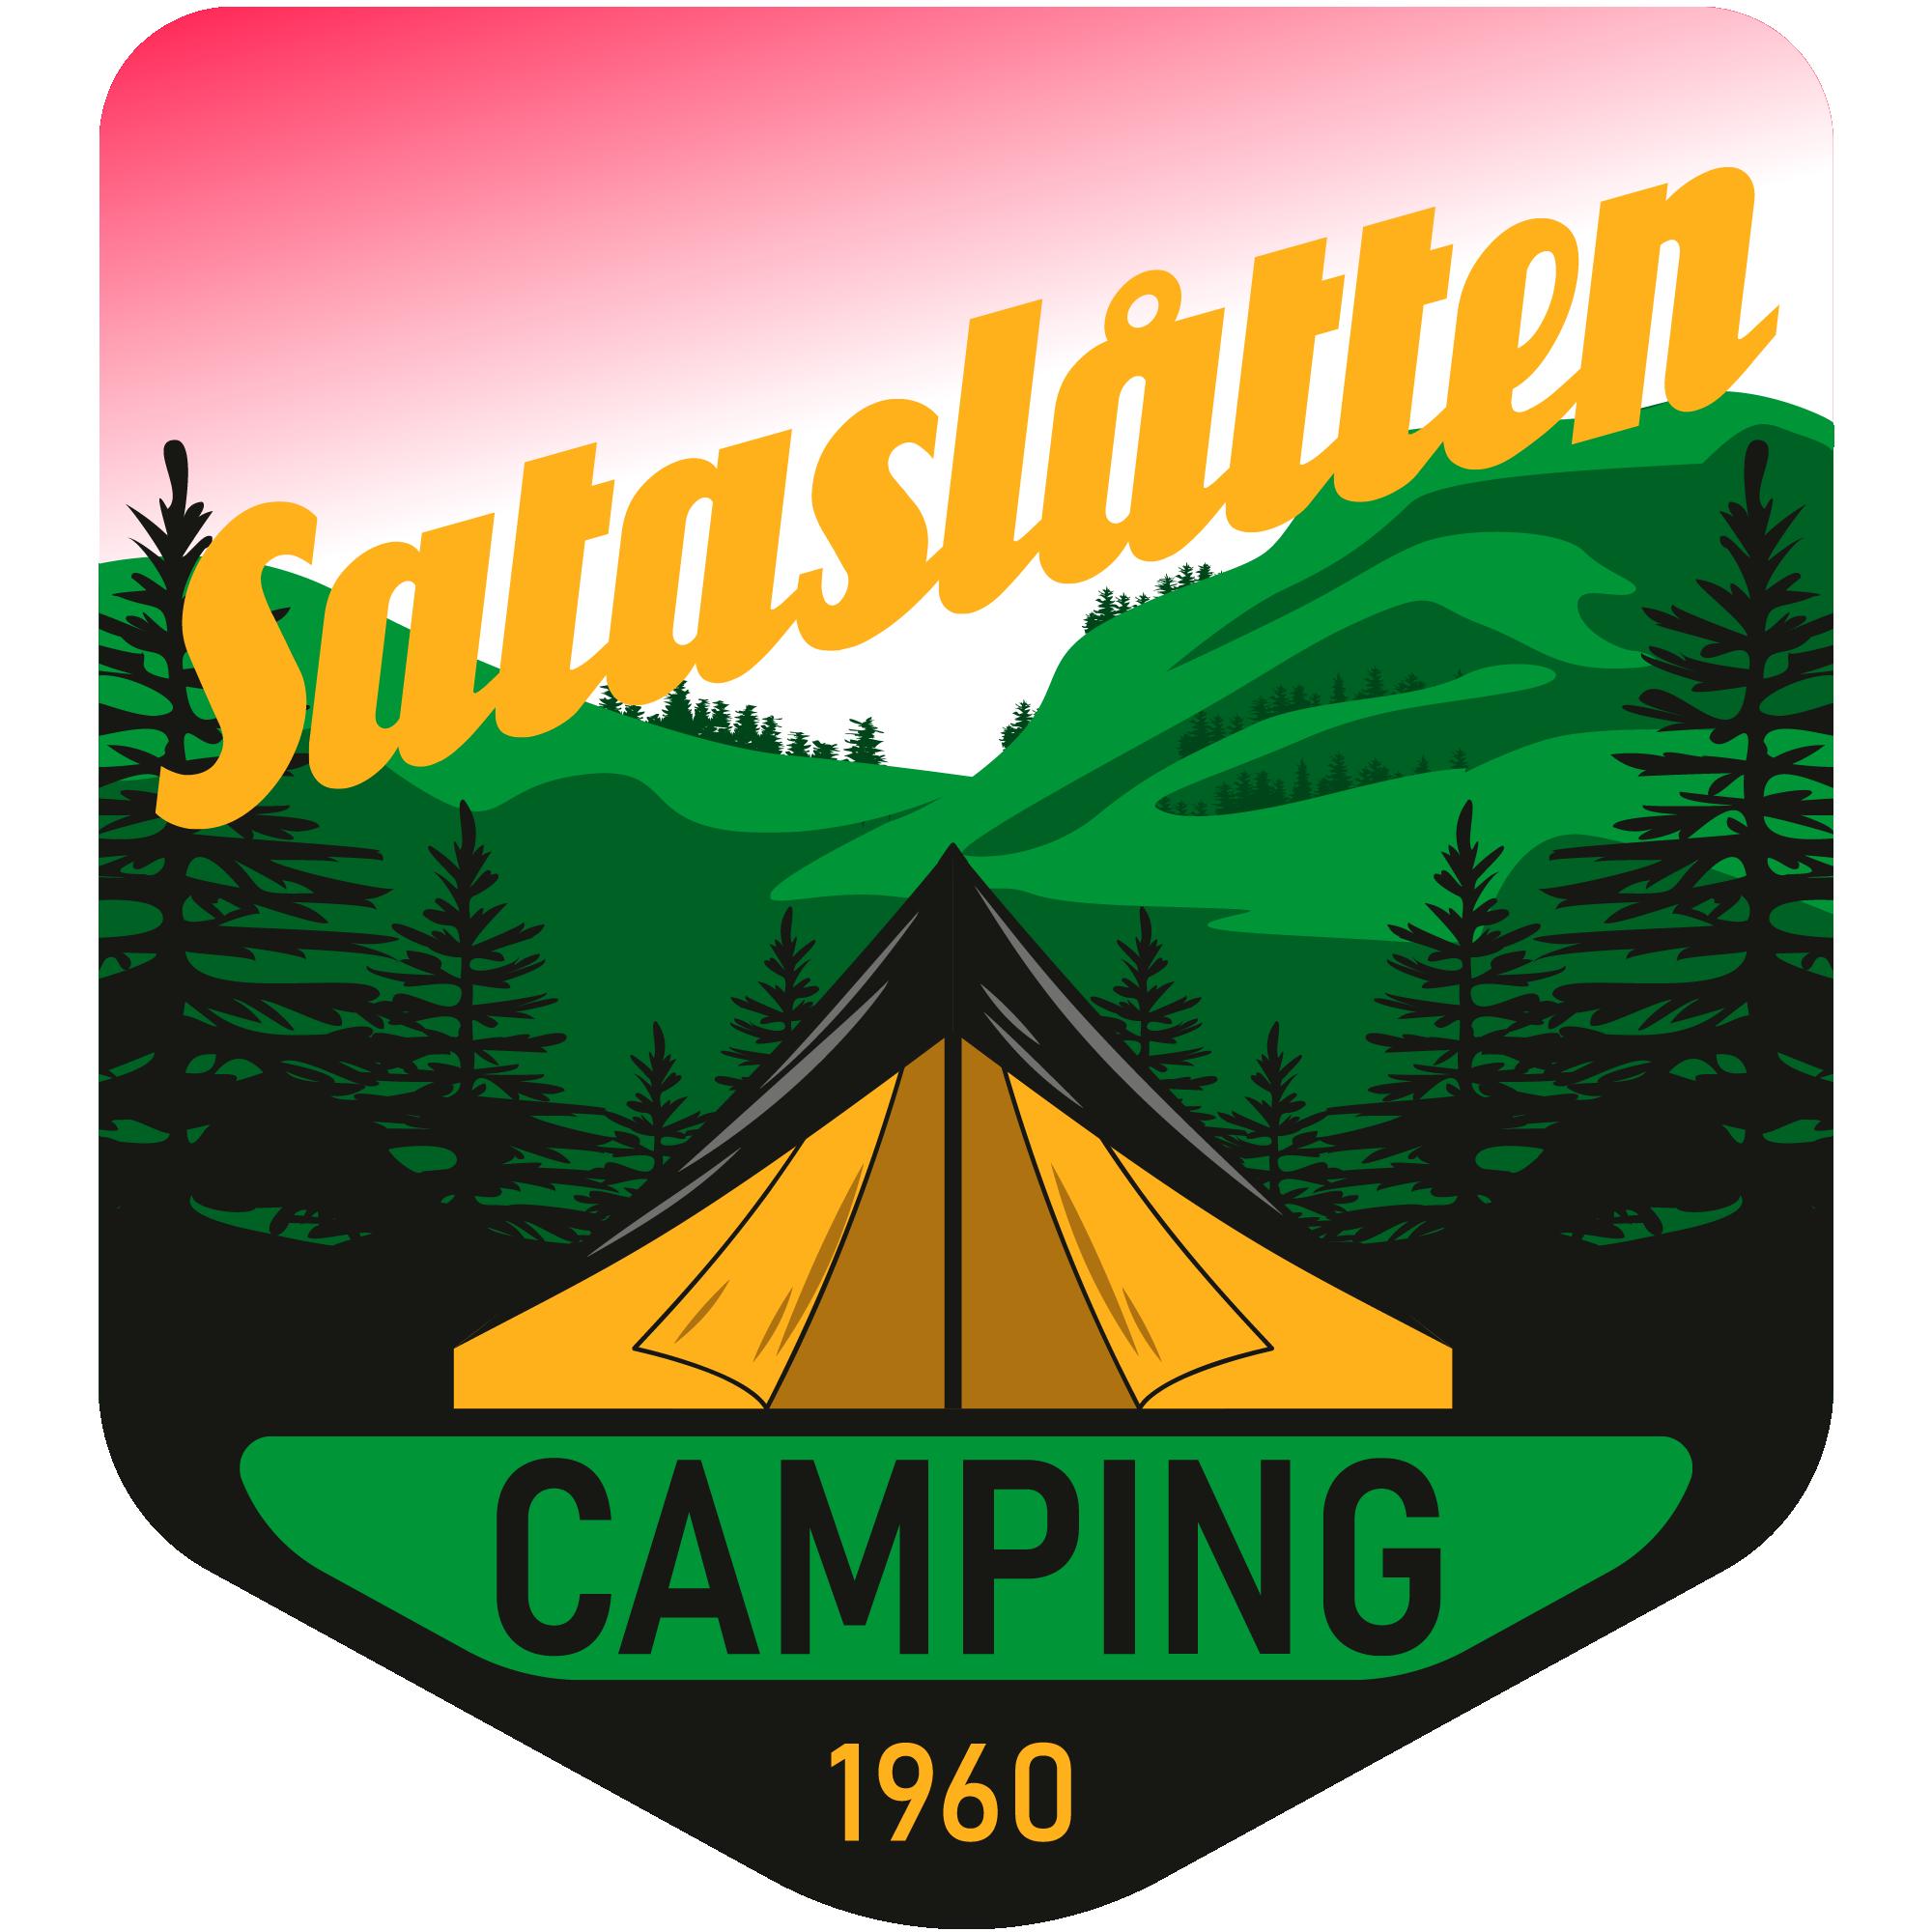 Sataslåtten Camping, logo